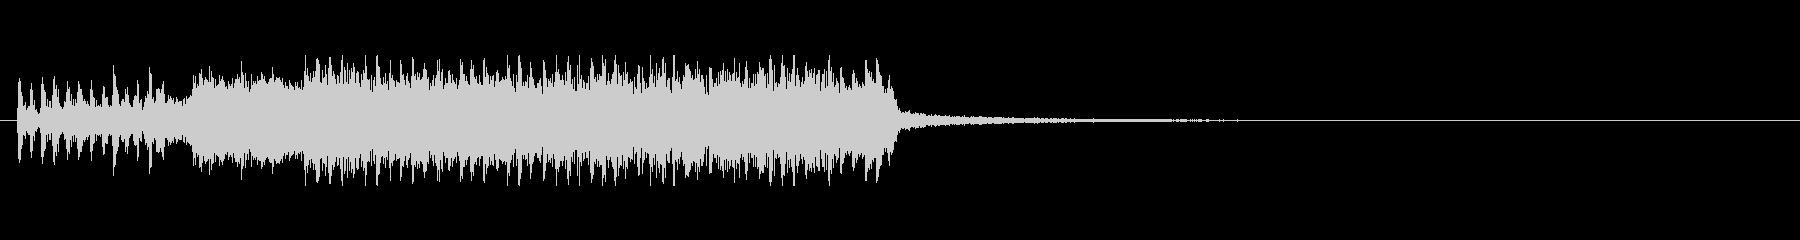 メタル風ギターのアイキャッチの未再生の波形